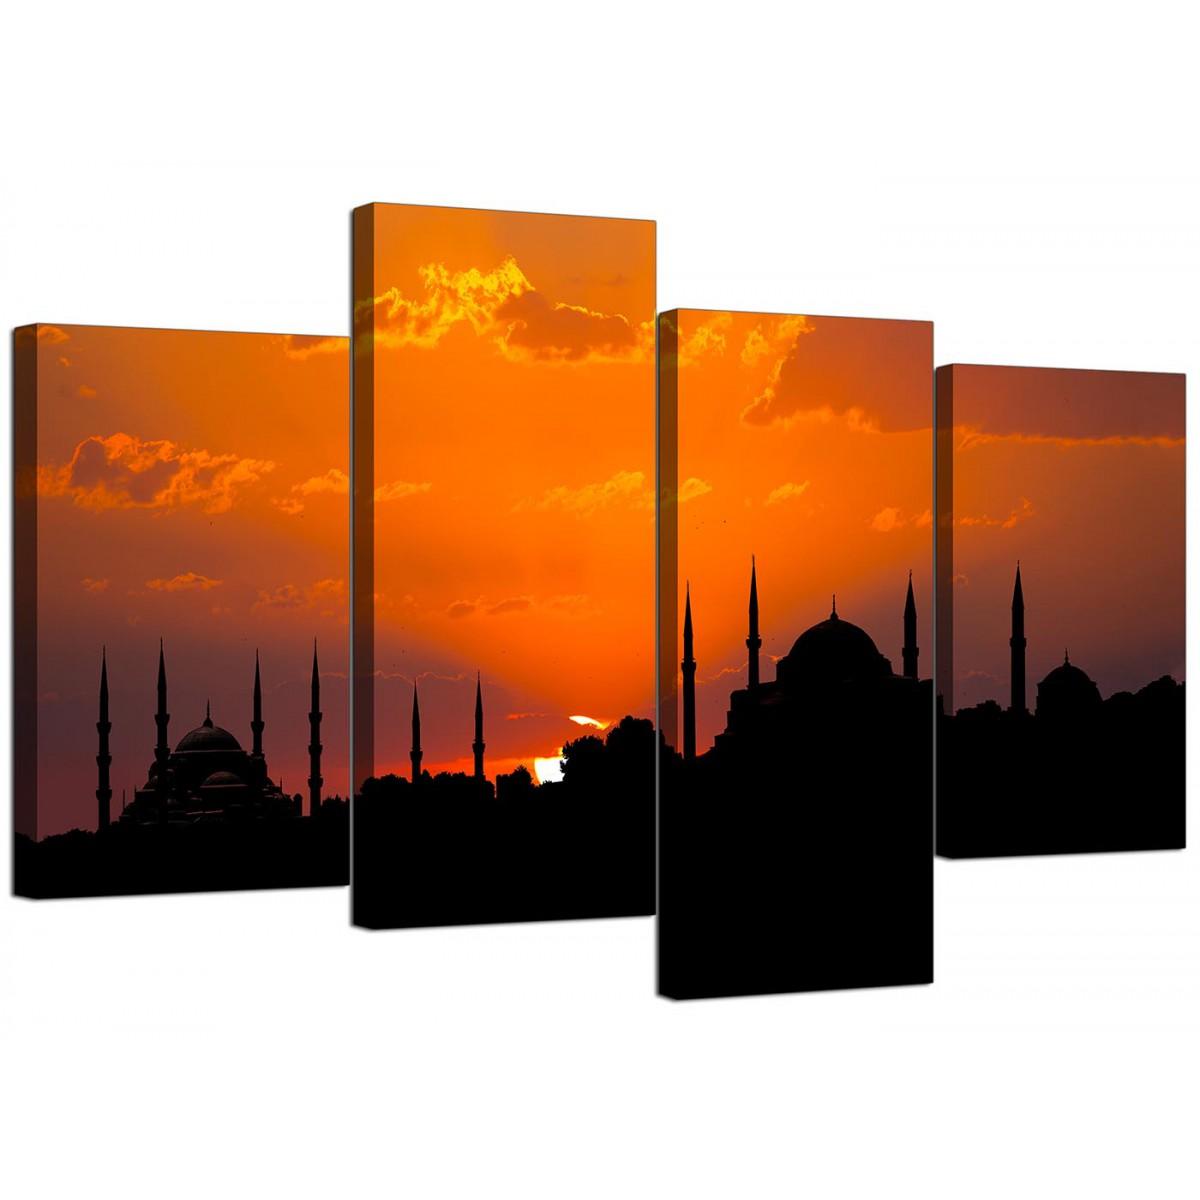 Istanbul Skyline Sunset   Blue Mosque Landscape Canvas   4 Part   130cm    4205 Part 93